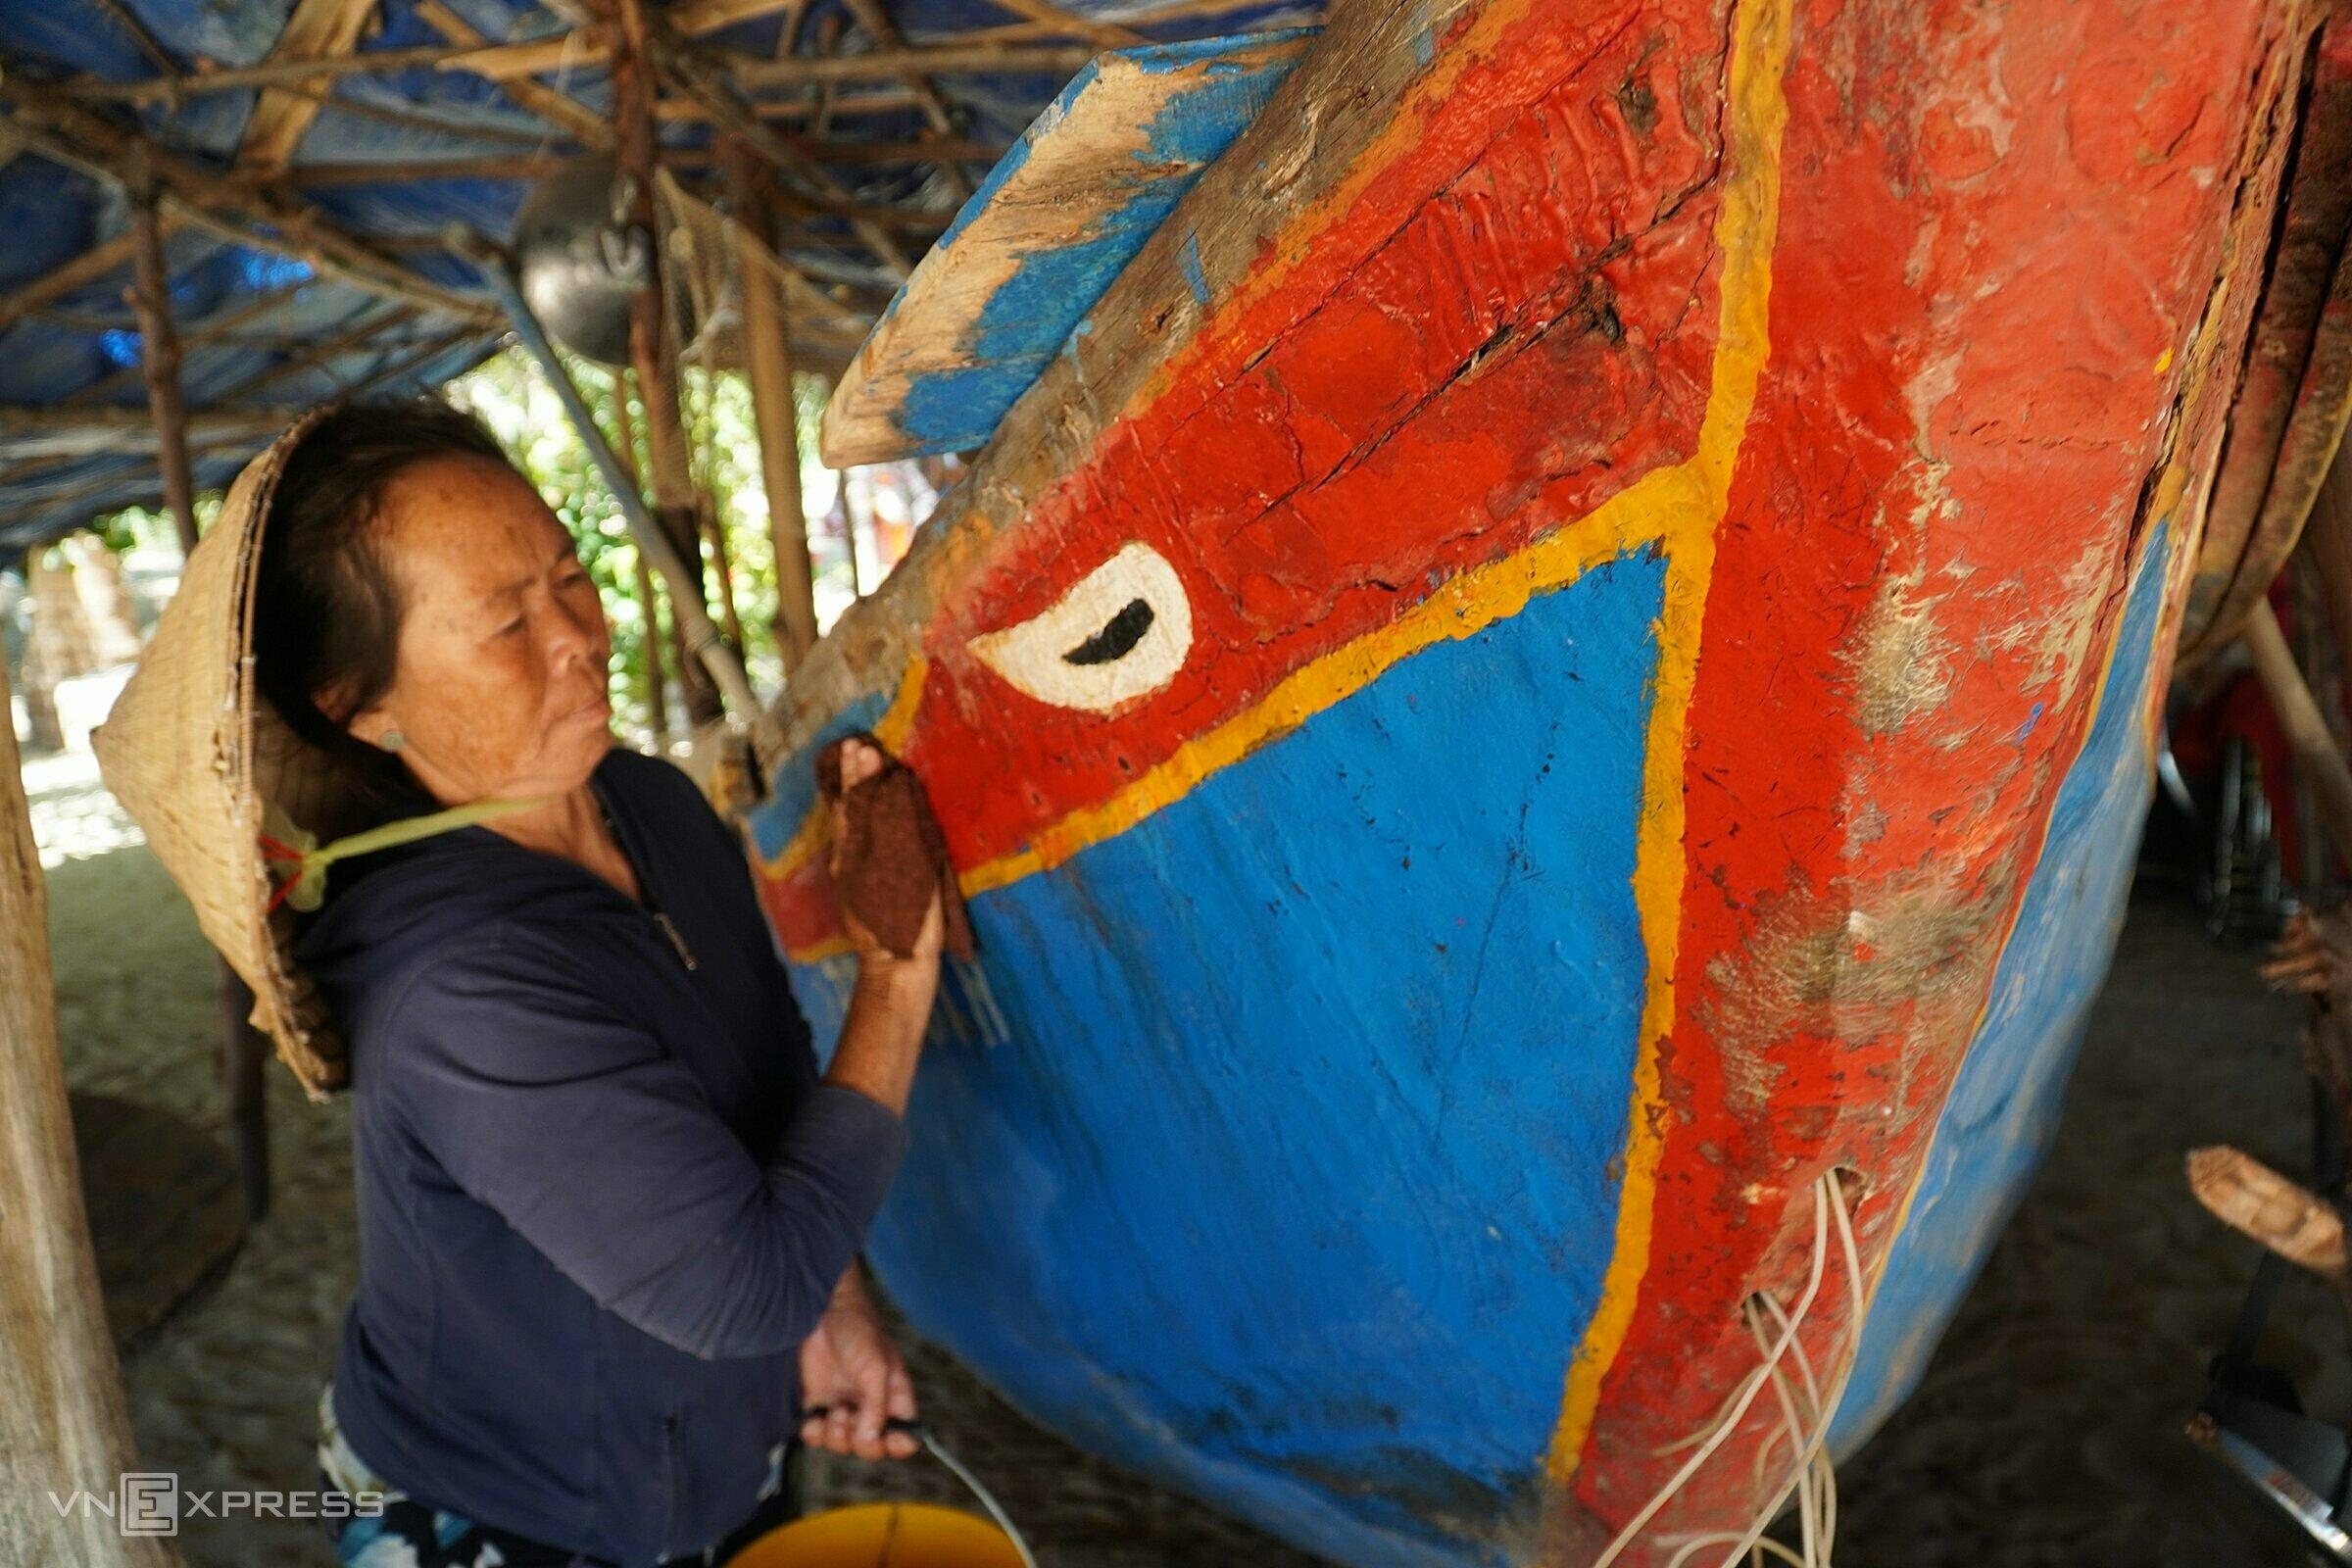 Bà Trần Thị Đợi, vợ ông Phụng lau chùi lại chiếc thuyền kỷ vật. Ảnh: Việt Quốc